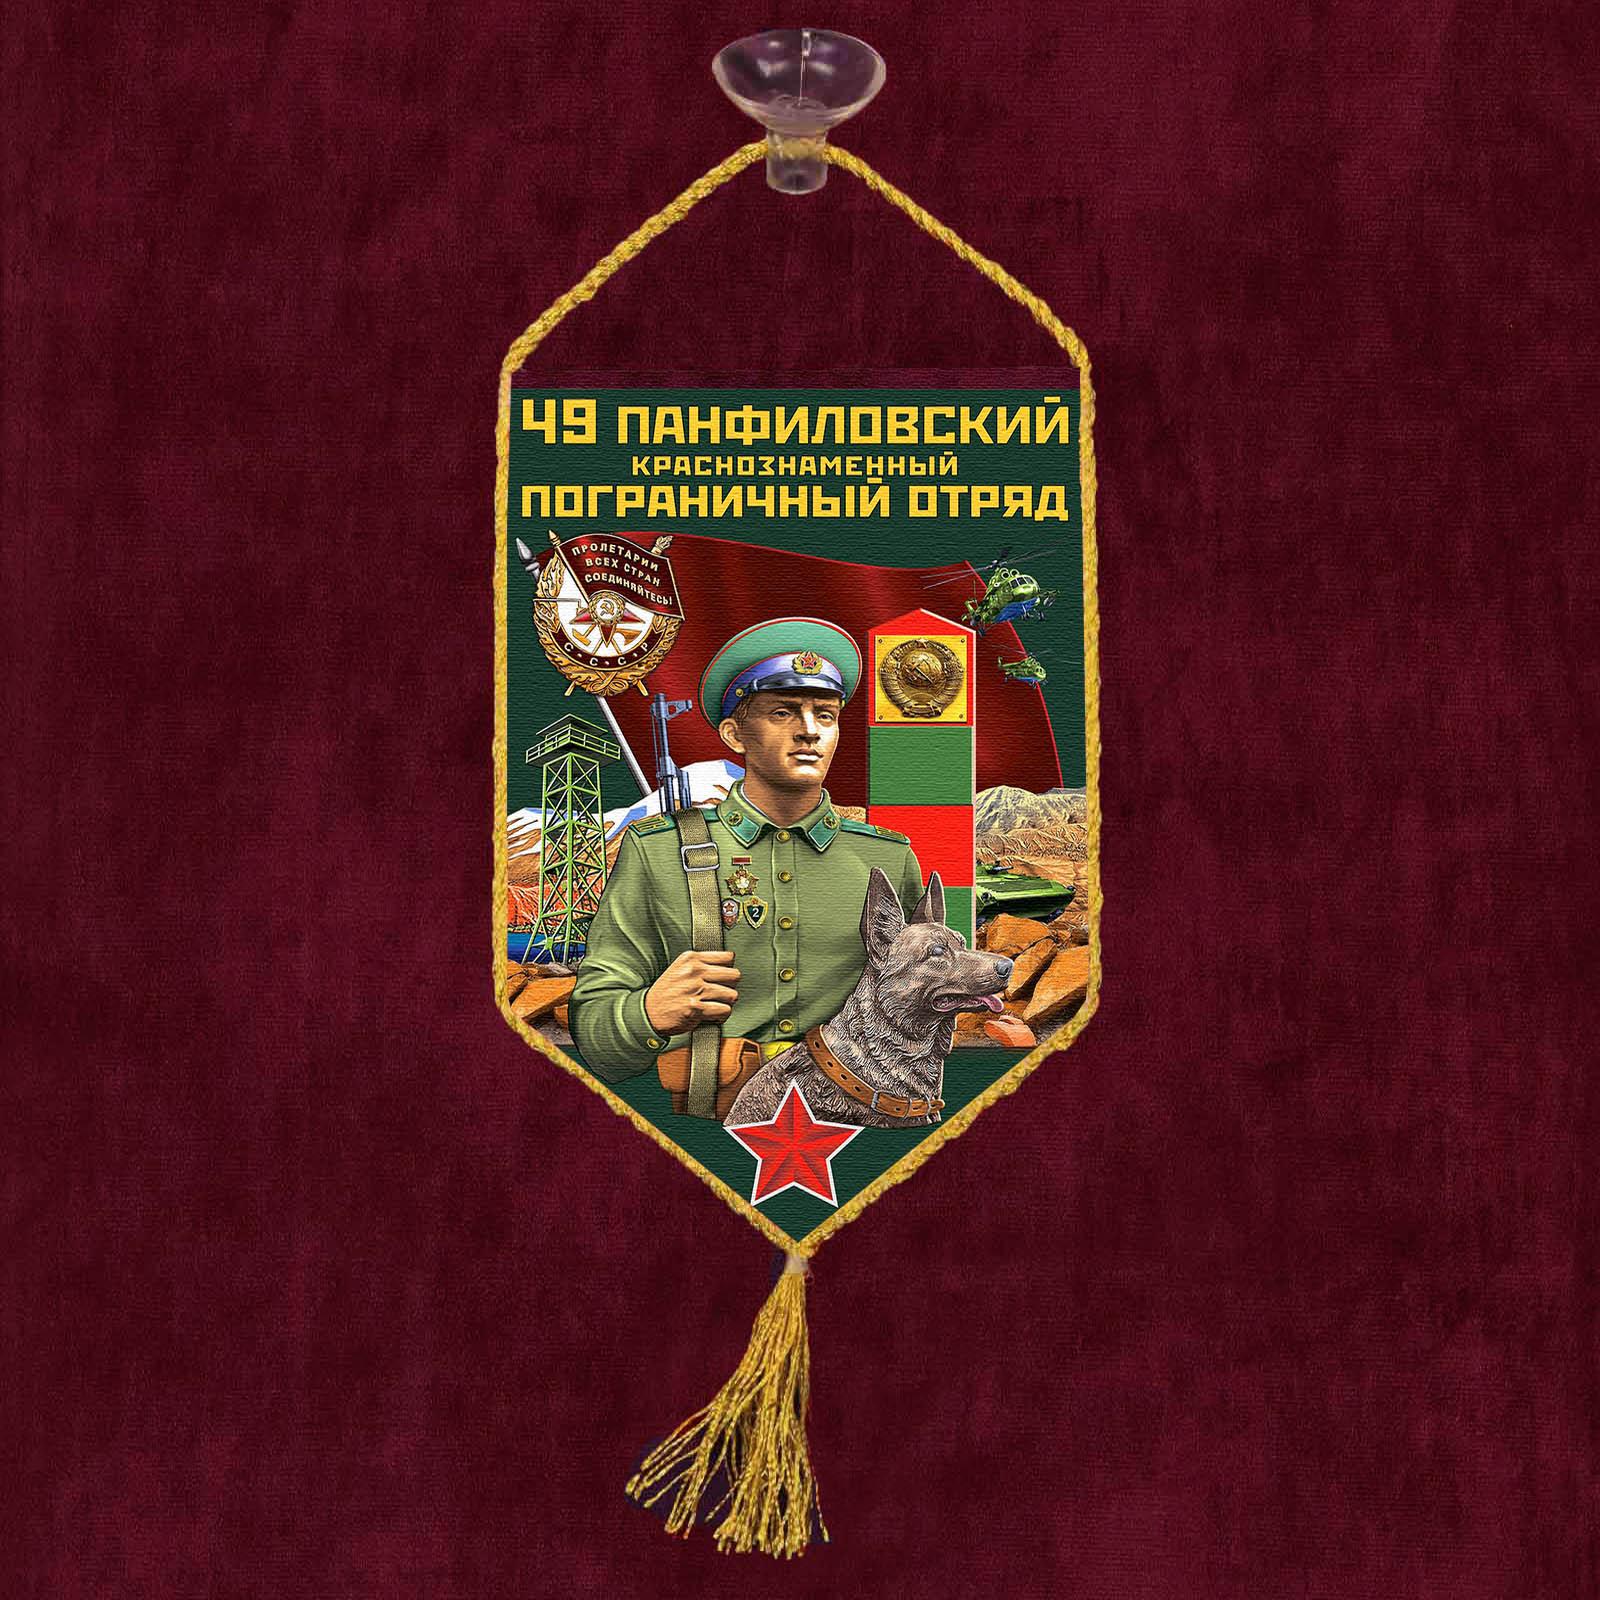 """Автомобильный вымпел """"49 Панфиловский пограничный отряд"""""""